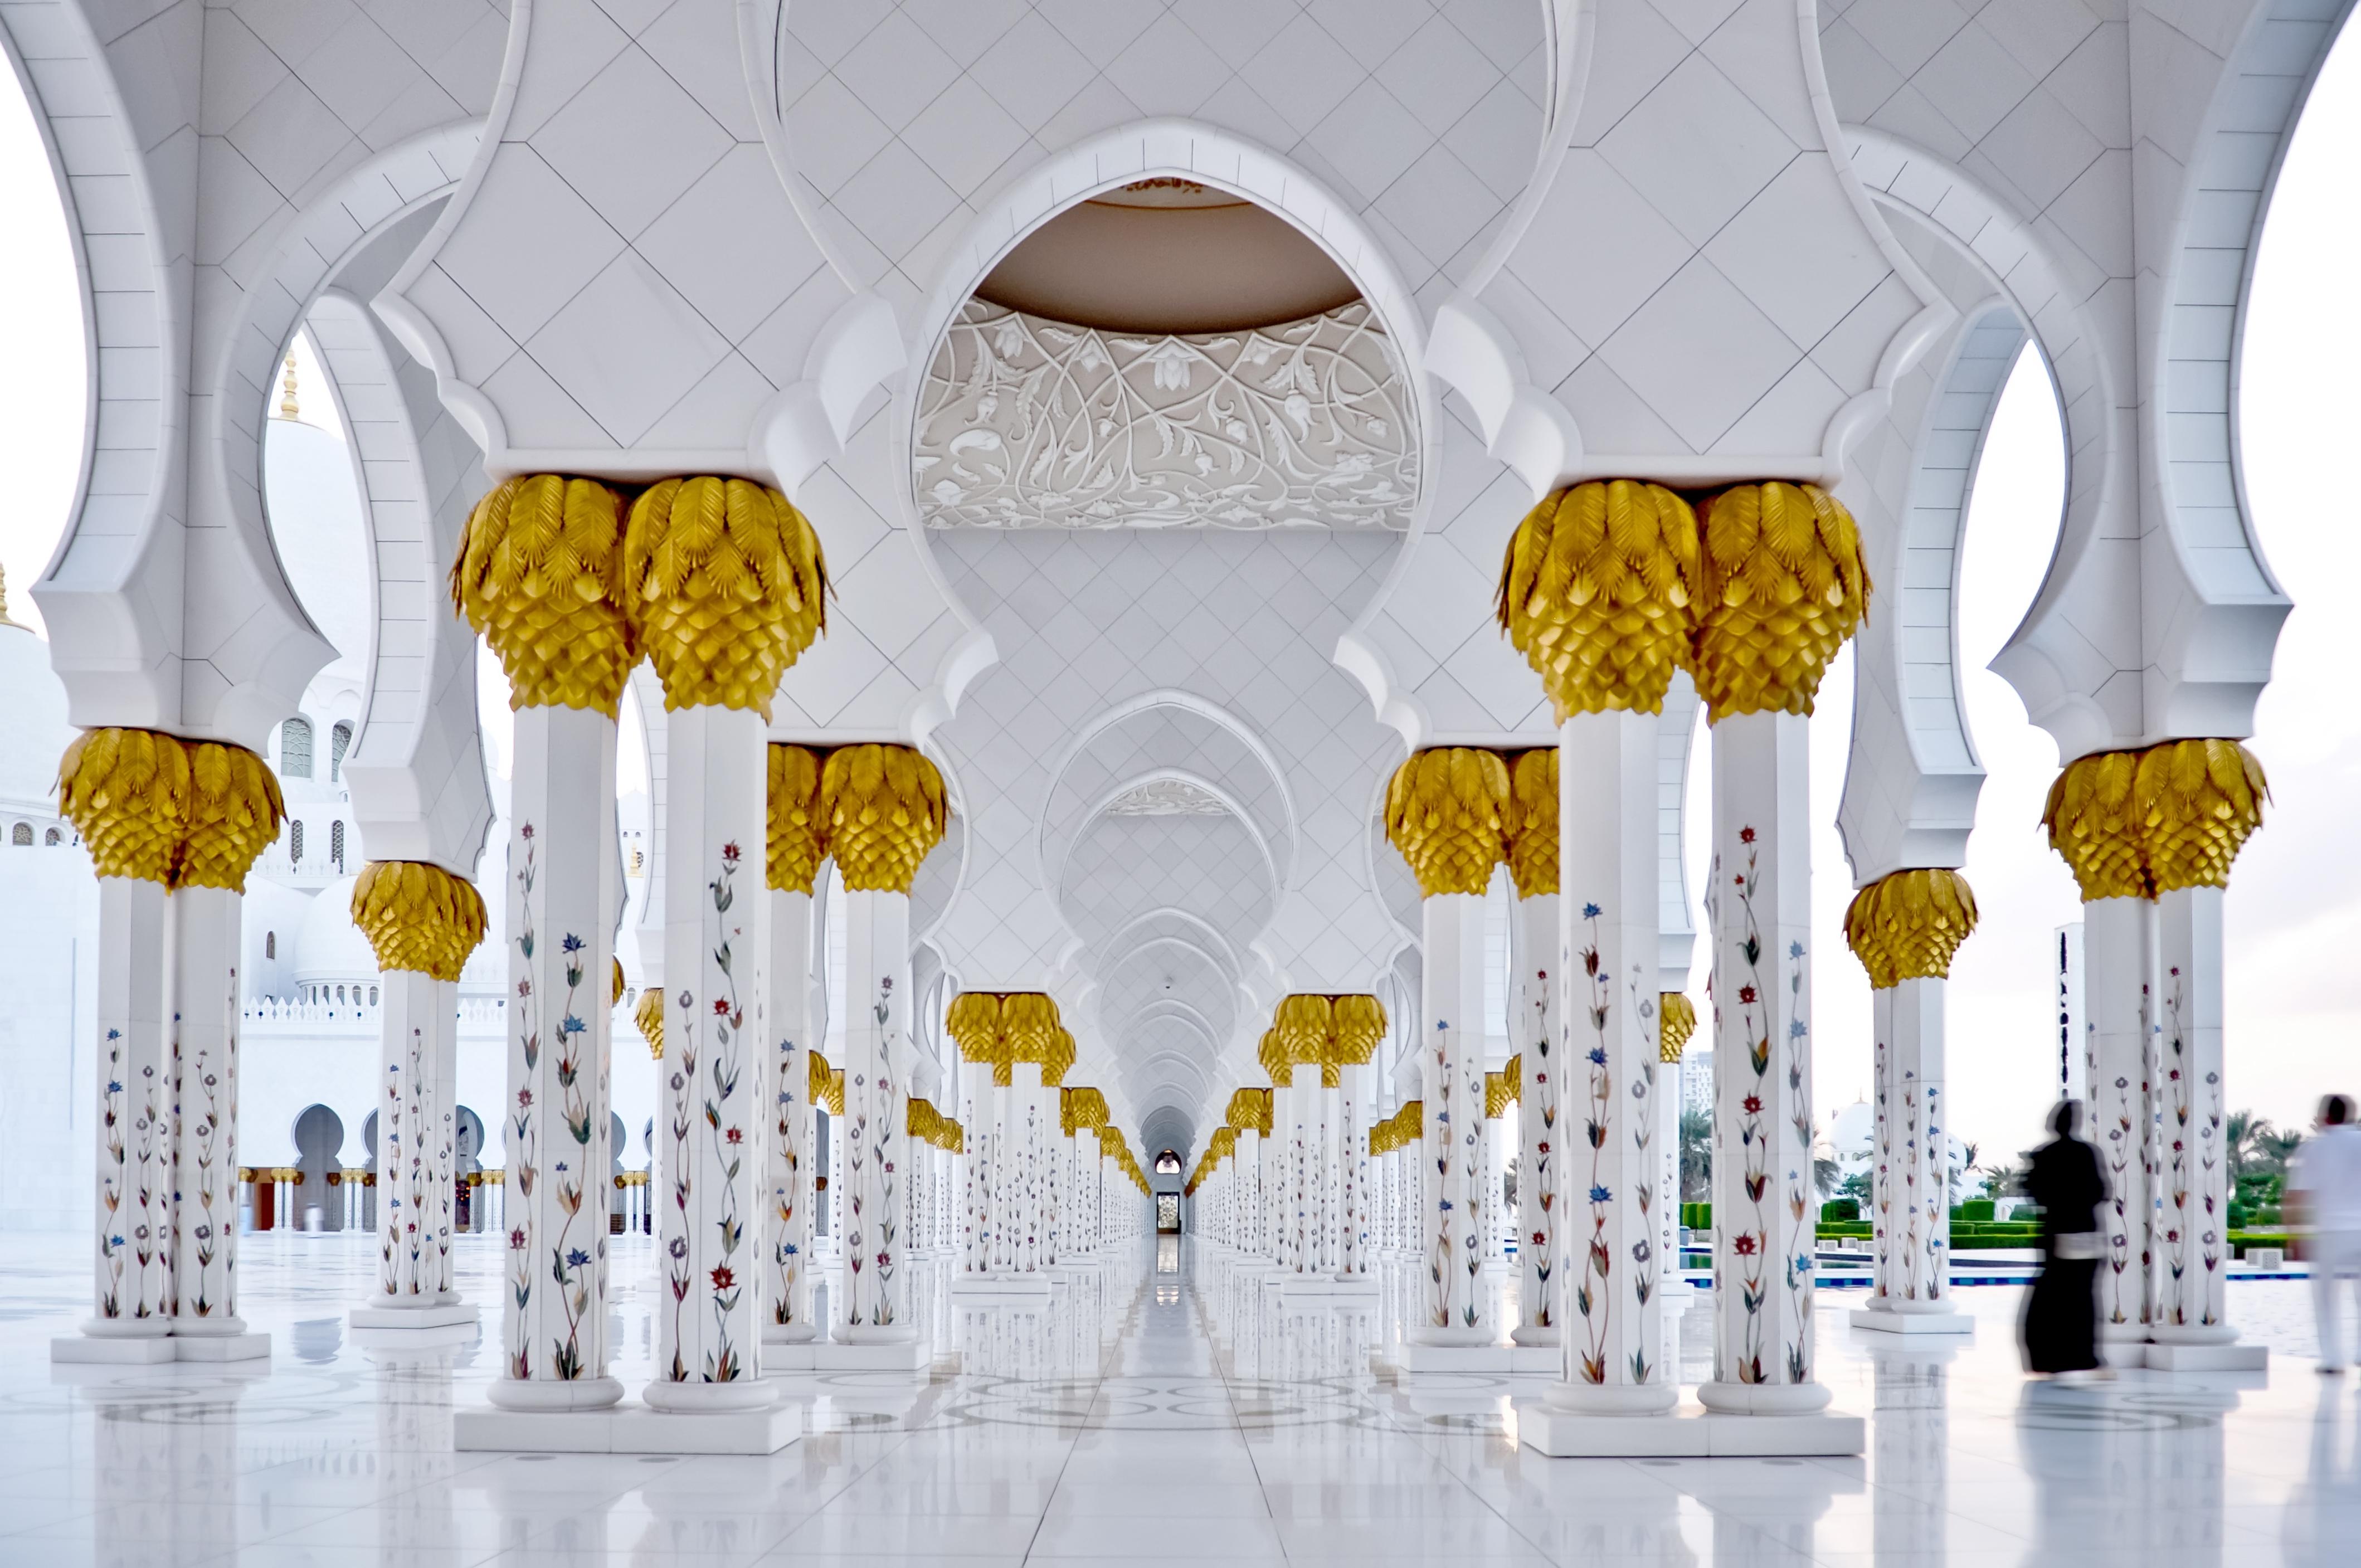 The Grand Mosque, em Abu Dhabi (imagem meramente ilustrativa) / Gtres